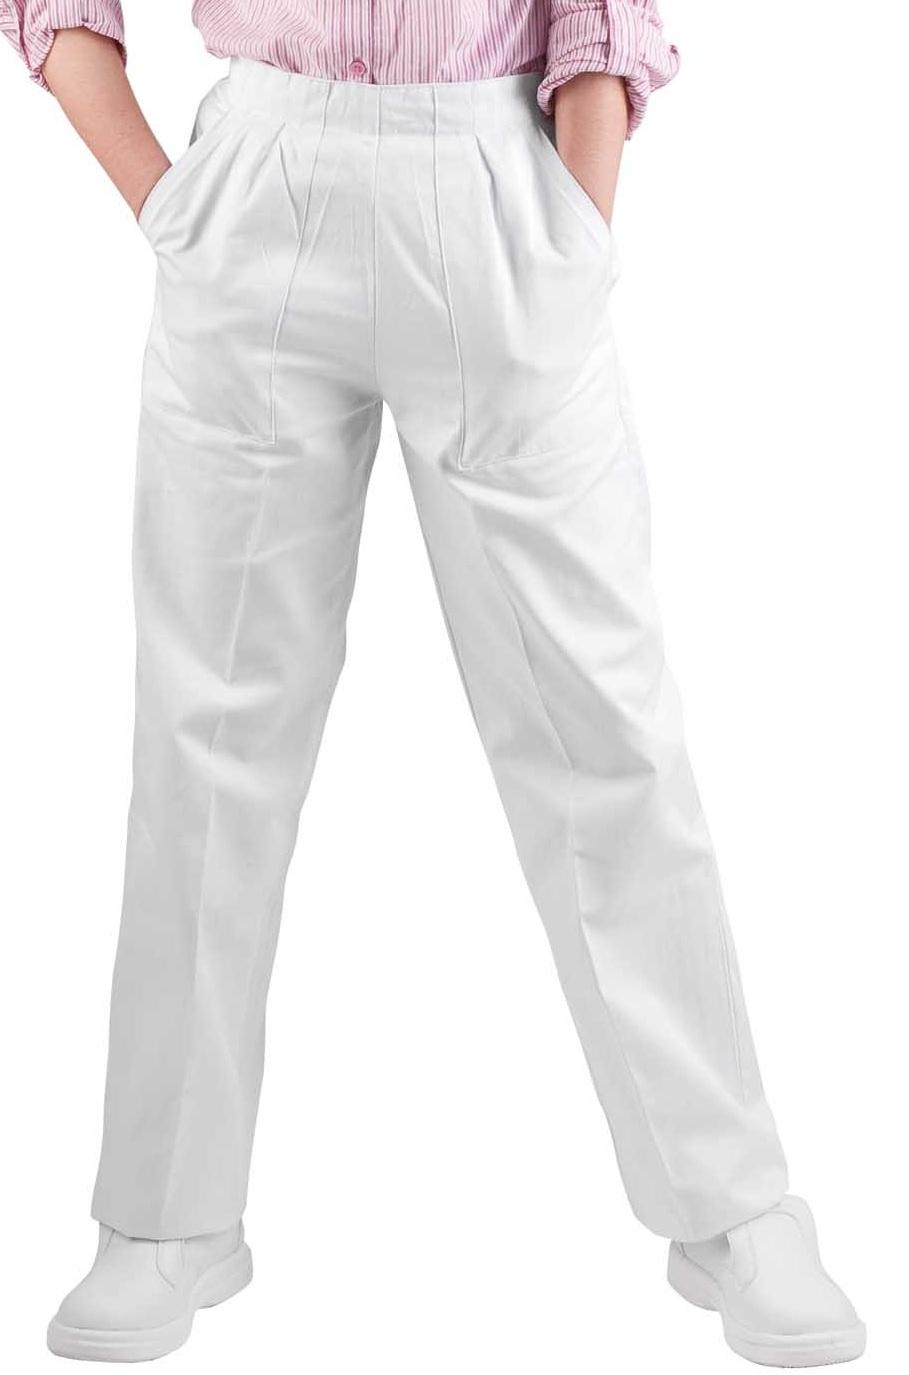 3b3400045bb1 Pracovné odevy - Lekárske Dámske nohavice APUS LADY Červa